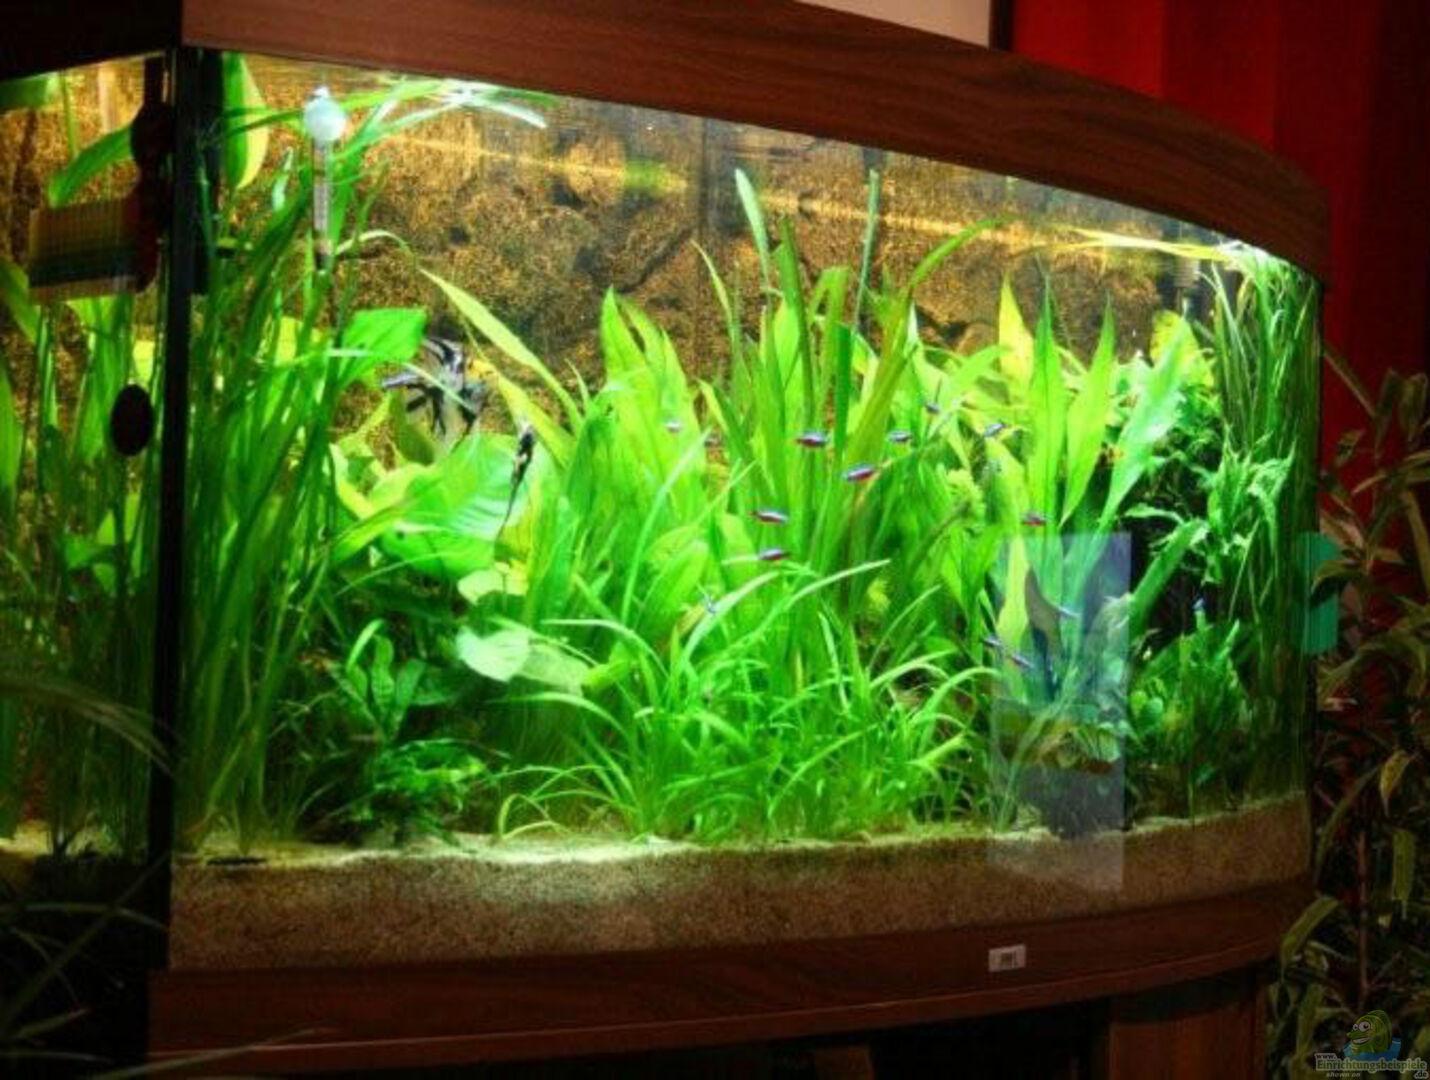 aquarium von markus k becken 8027. Black Bedroom Furniture Sets. Home Design Ideas